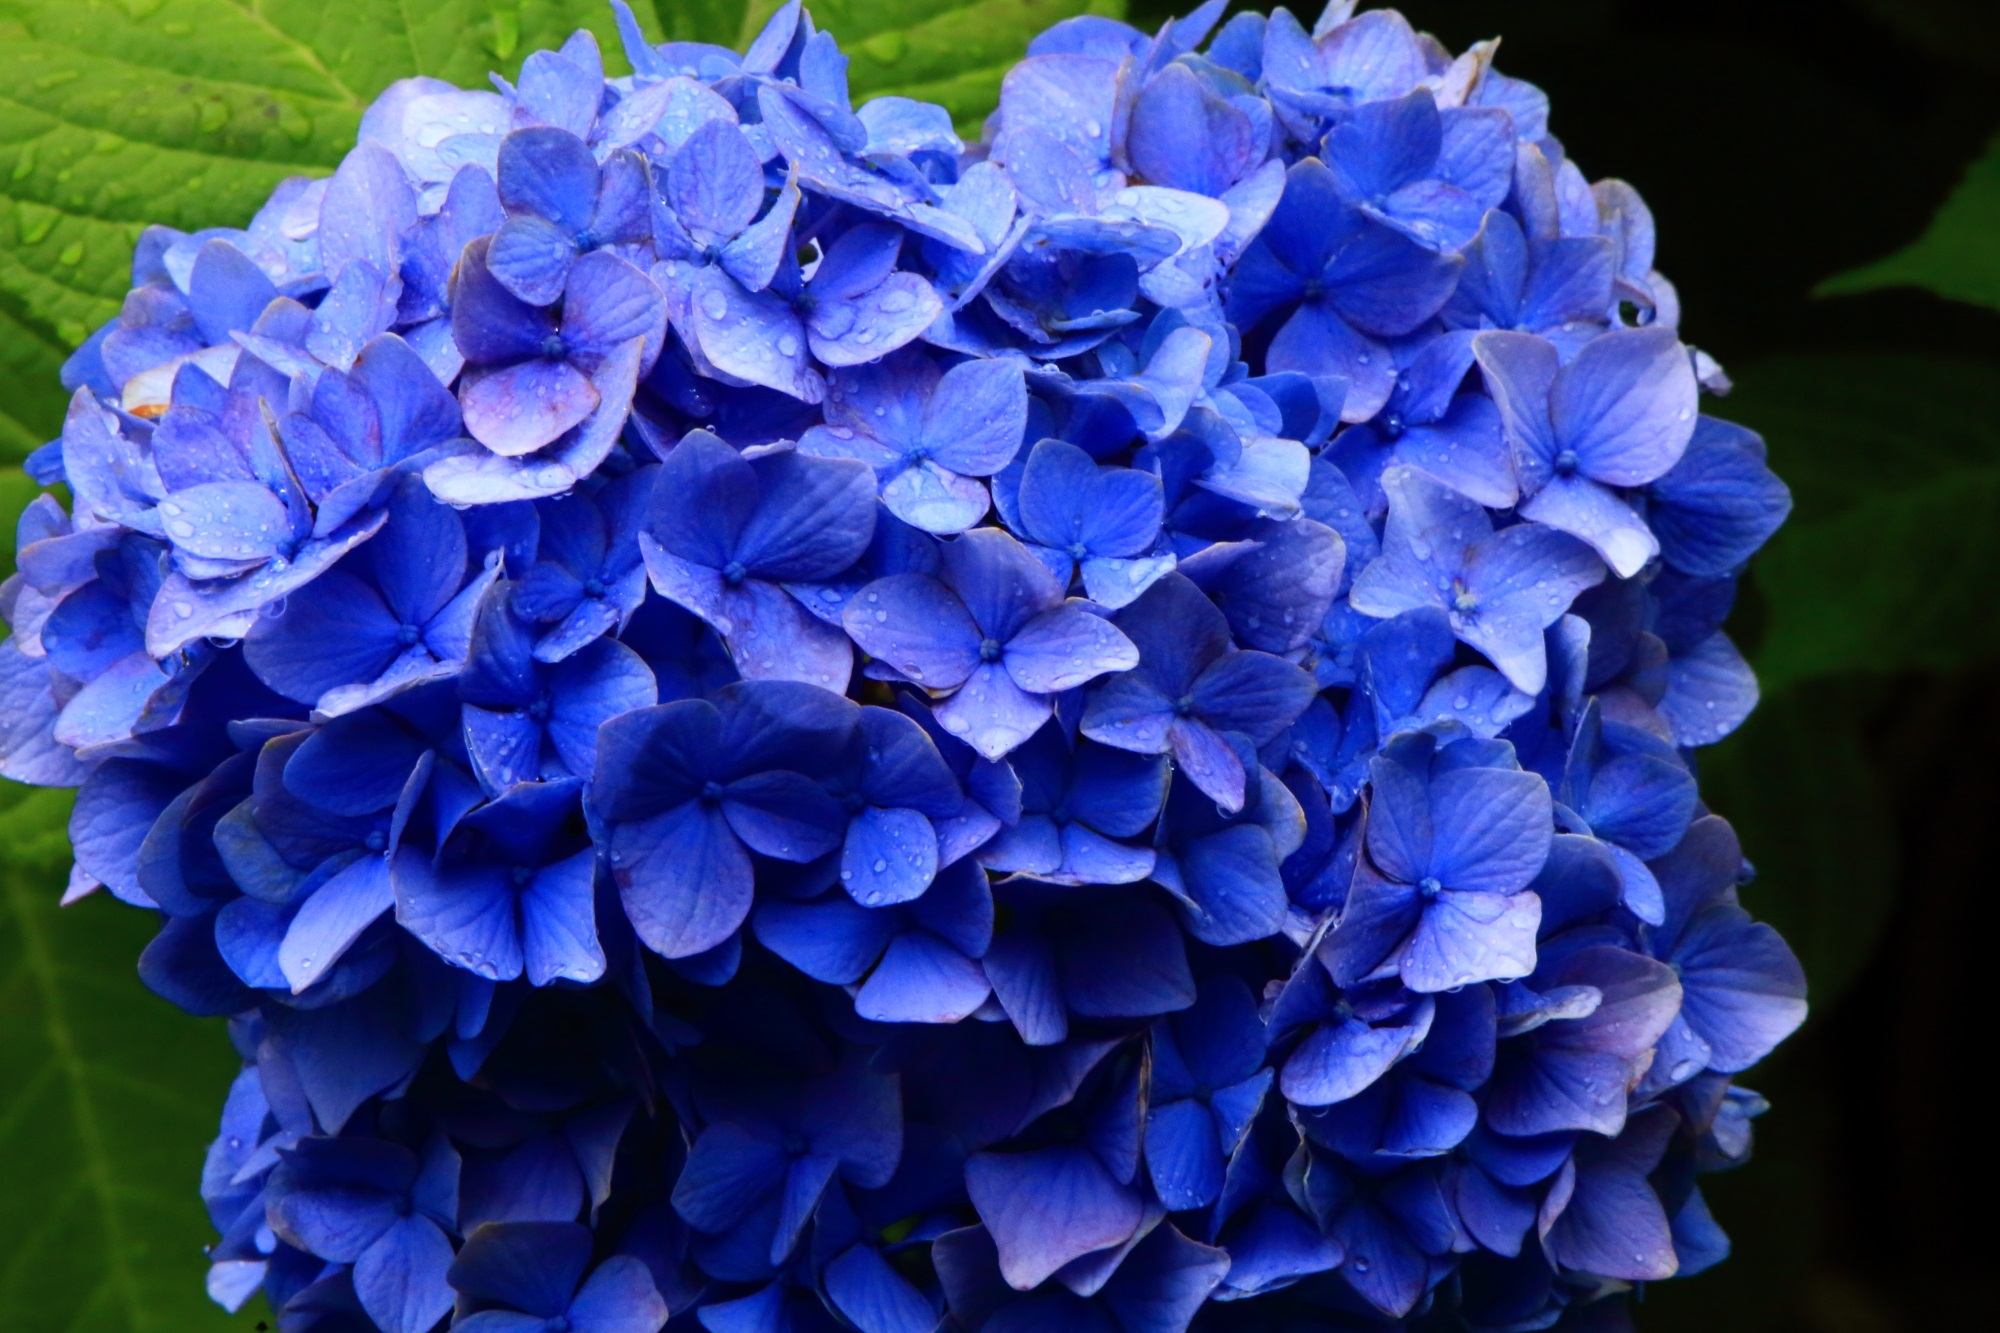 紫陽花の美しさを演出する雨の水滴